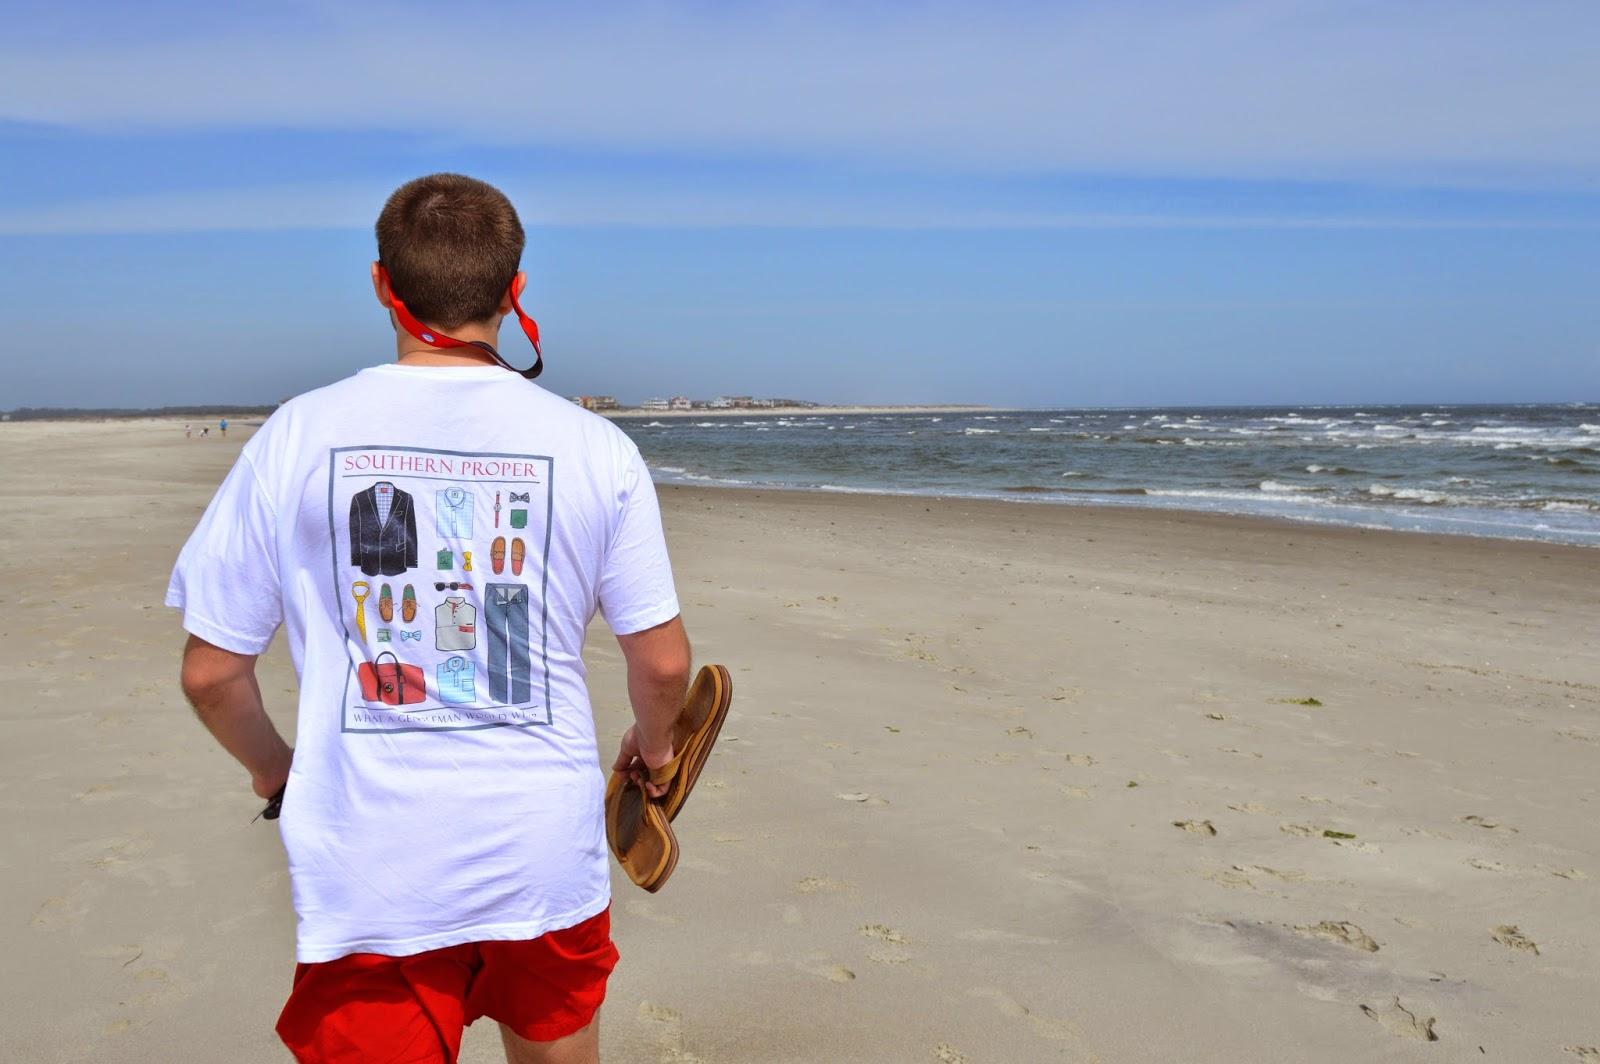 Southern Proper, Vineyard Vines, Ocean Isle Beach, beach, North Carolina, North Carolina beaches